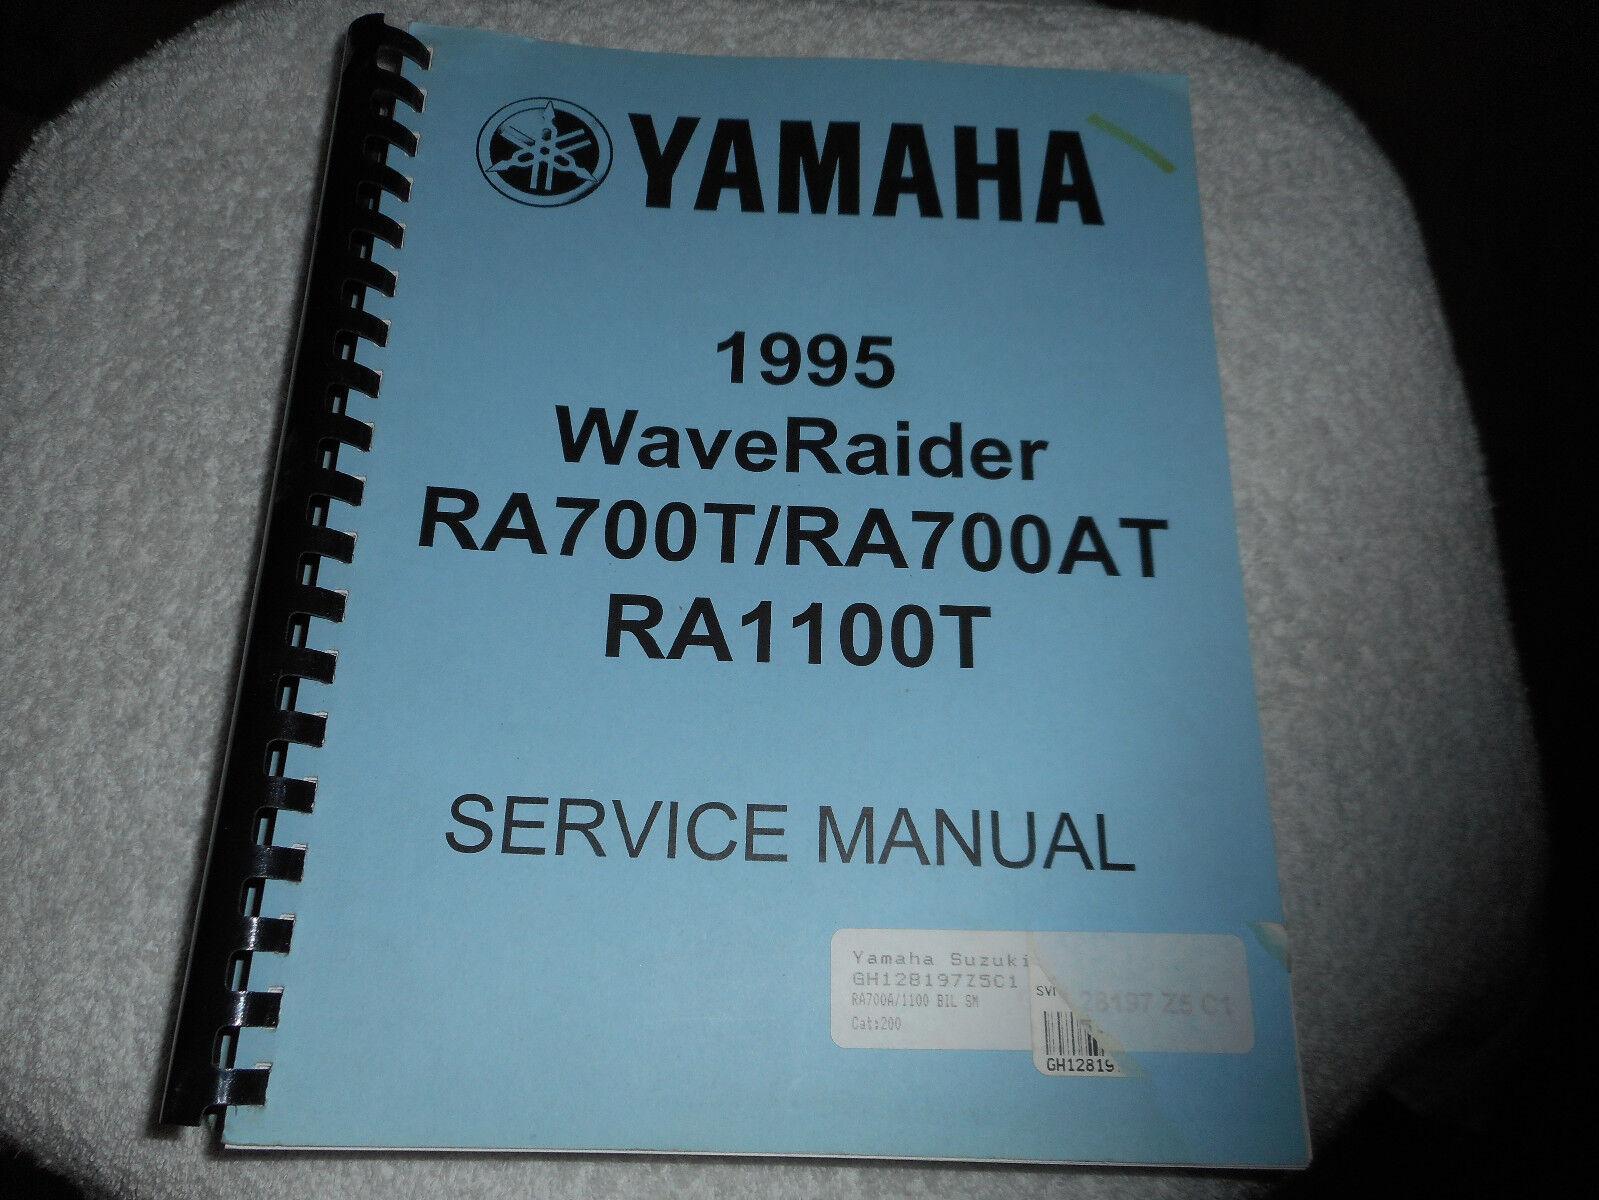 Yamaha WaveRaider RA700T / RA700AT / RA1100T service manual